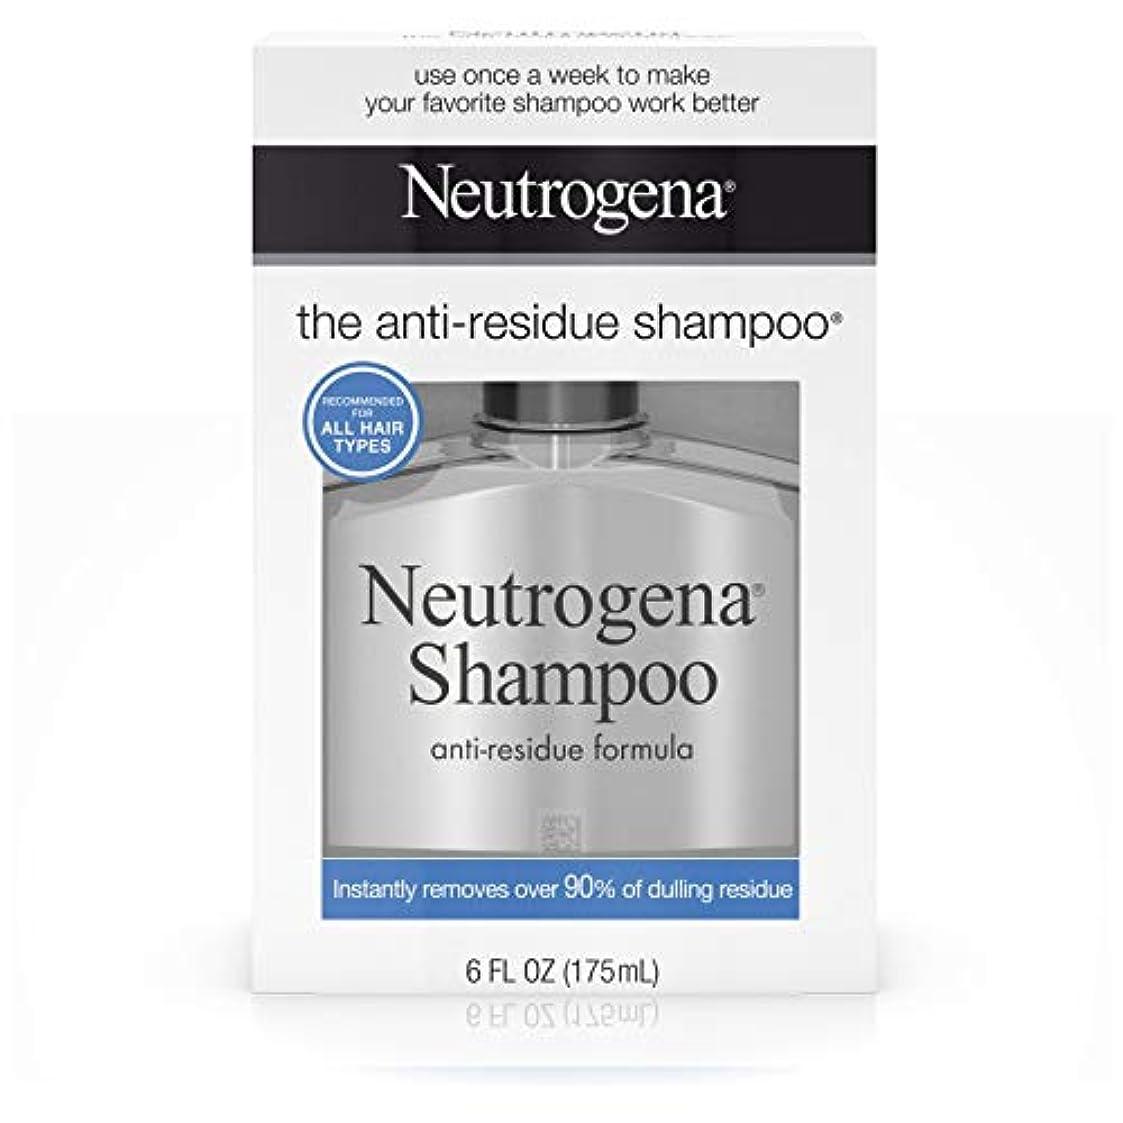 順番新しさ手Neutrogena Shampoo Anti-Residue Formula 175 ml (並行輸入品)